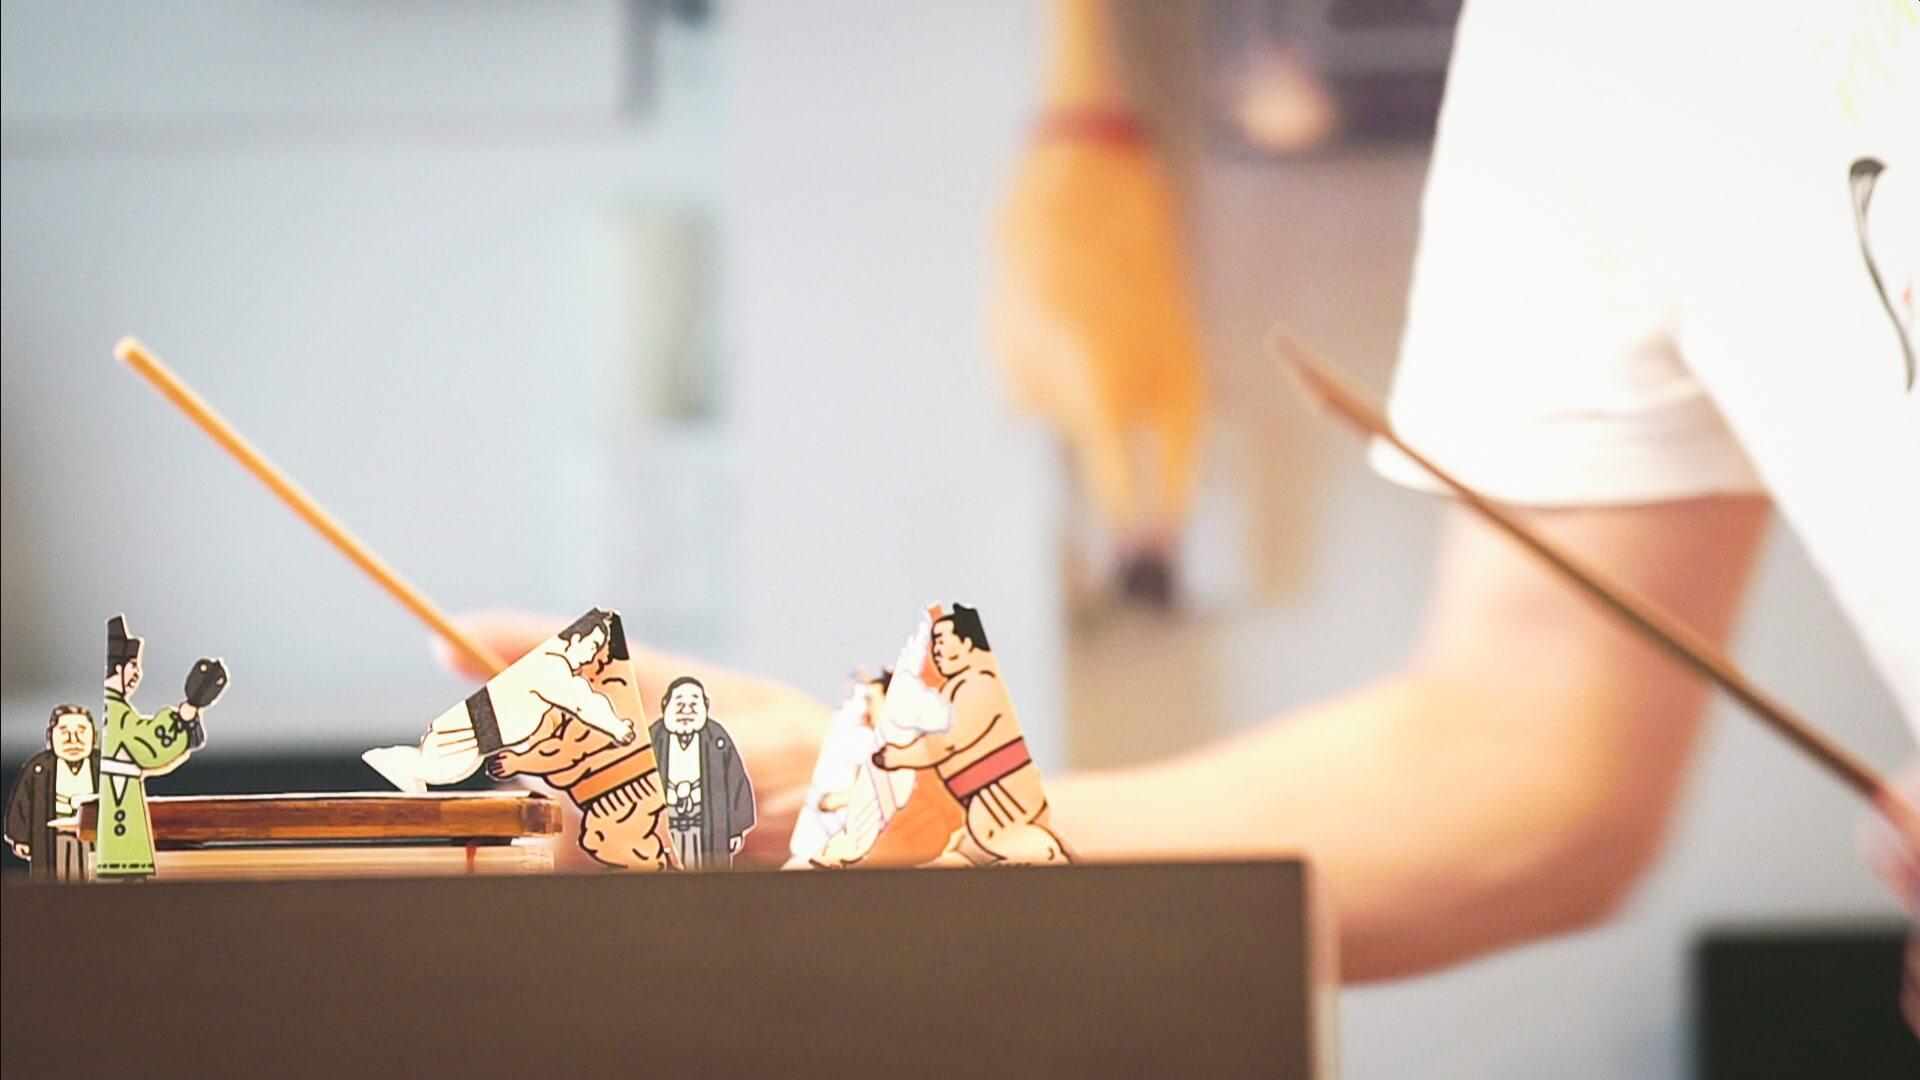 8/4(日)開催予定の、『トントン相撲大会』準備の様子